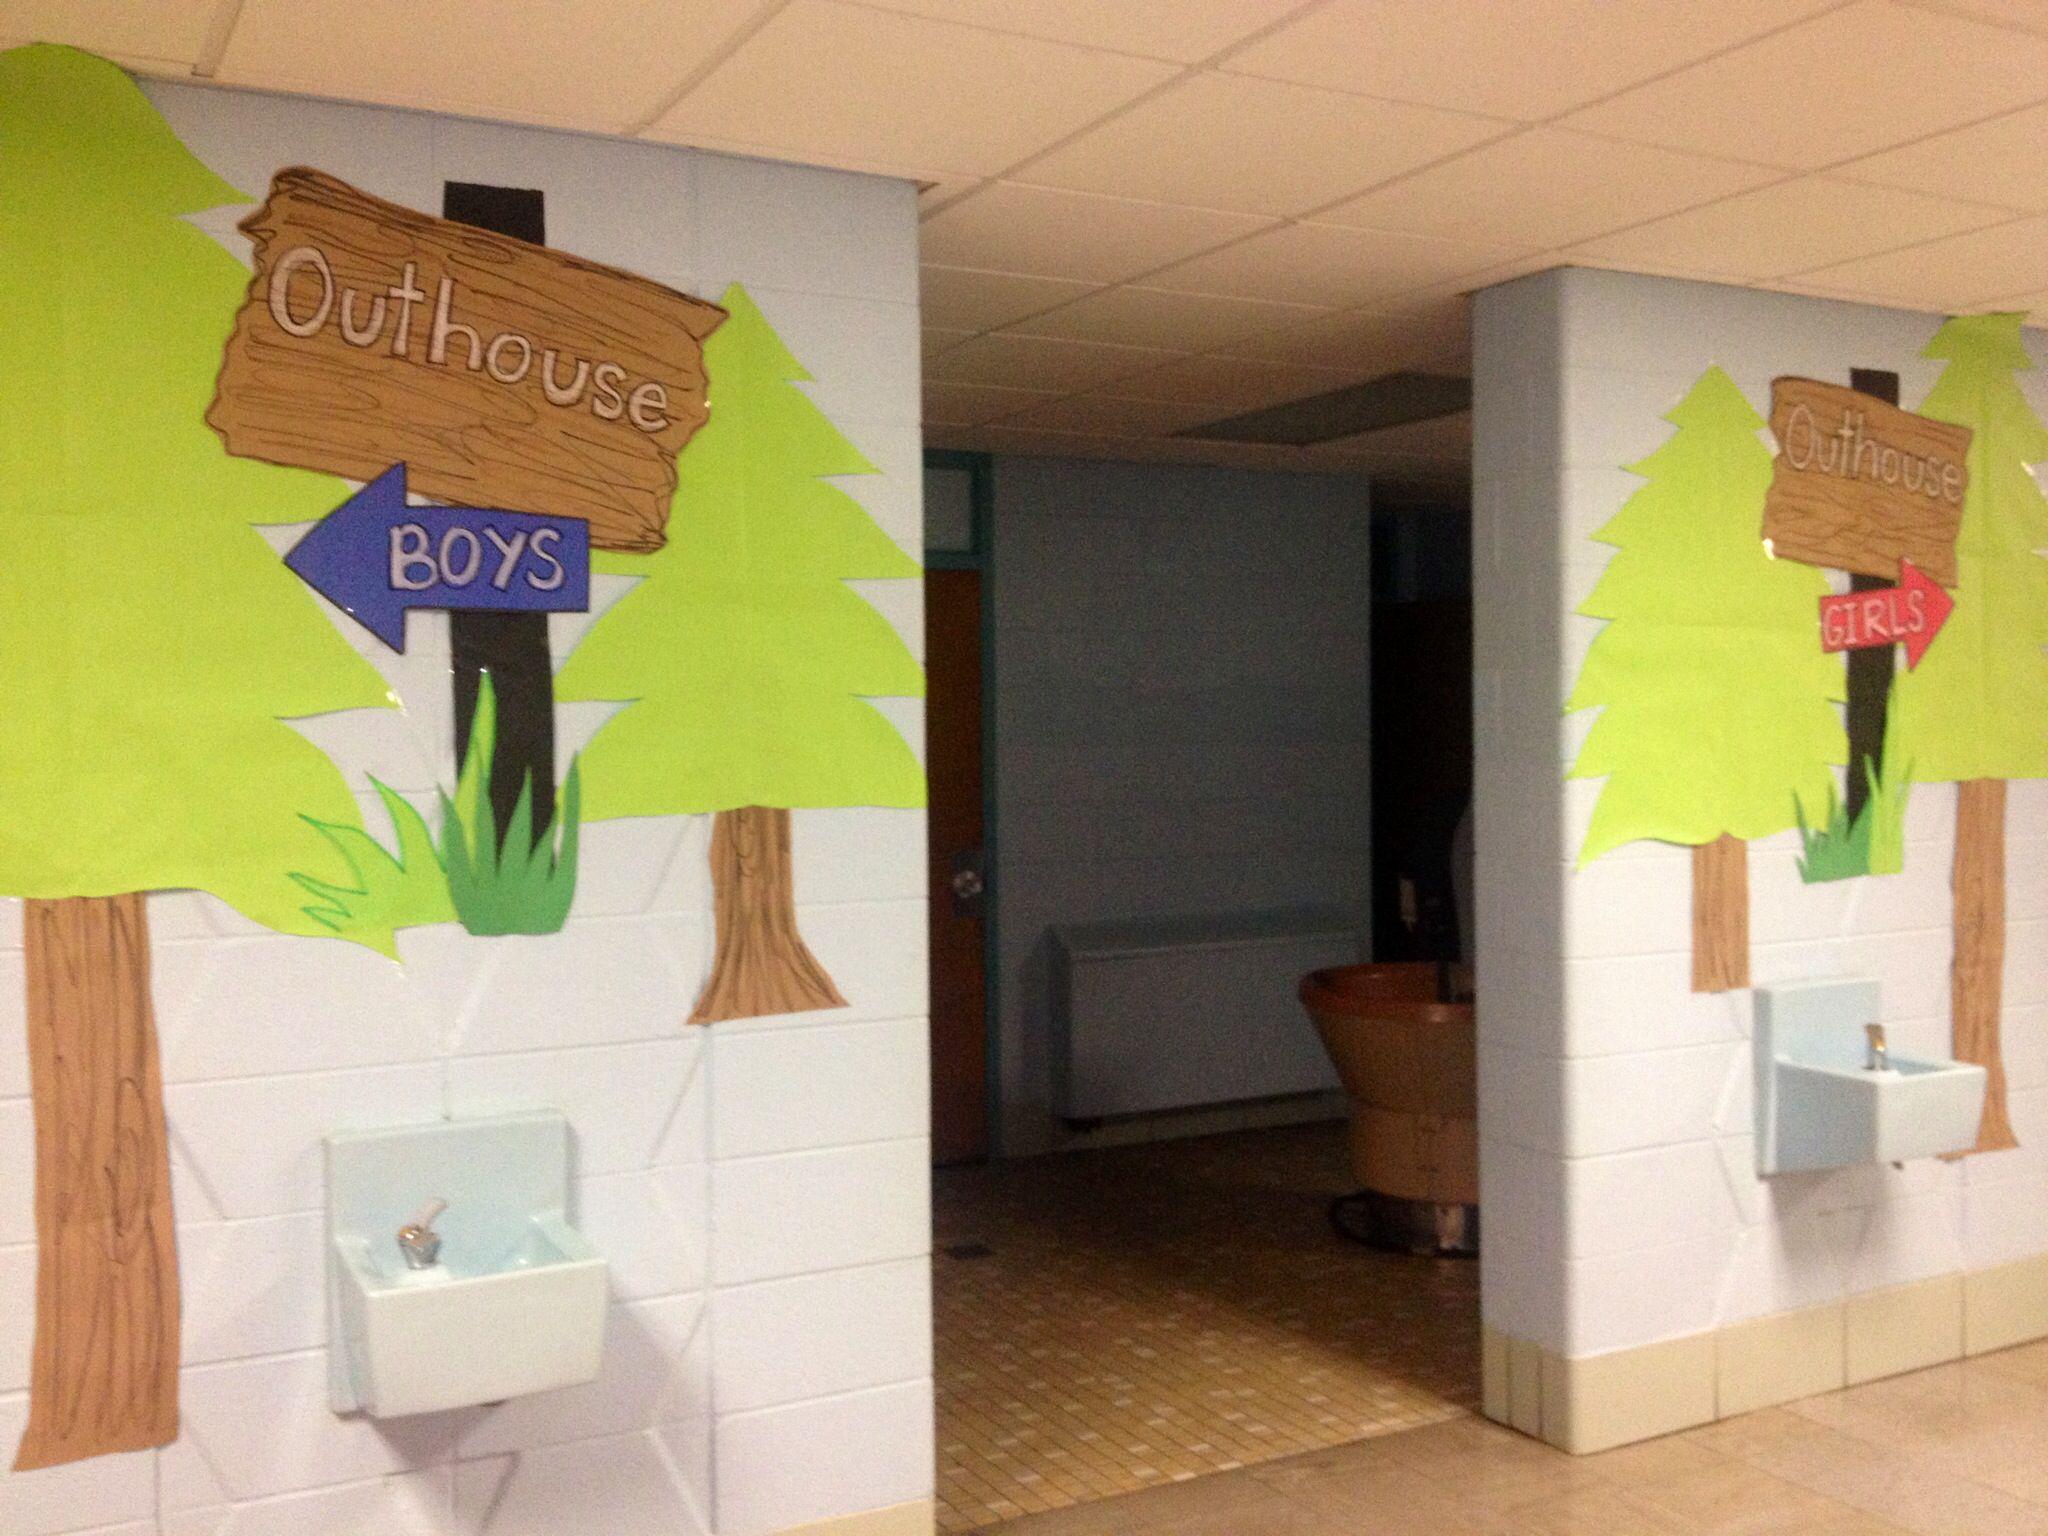 school bathroom.  murals in school bathrooms yes Pinteres